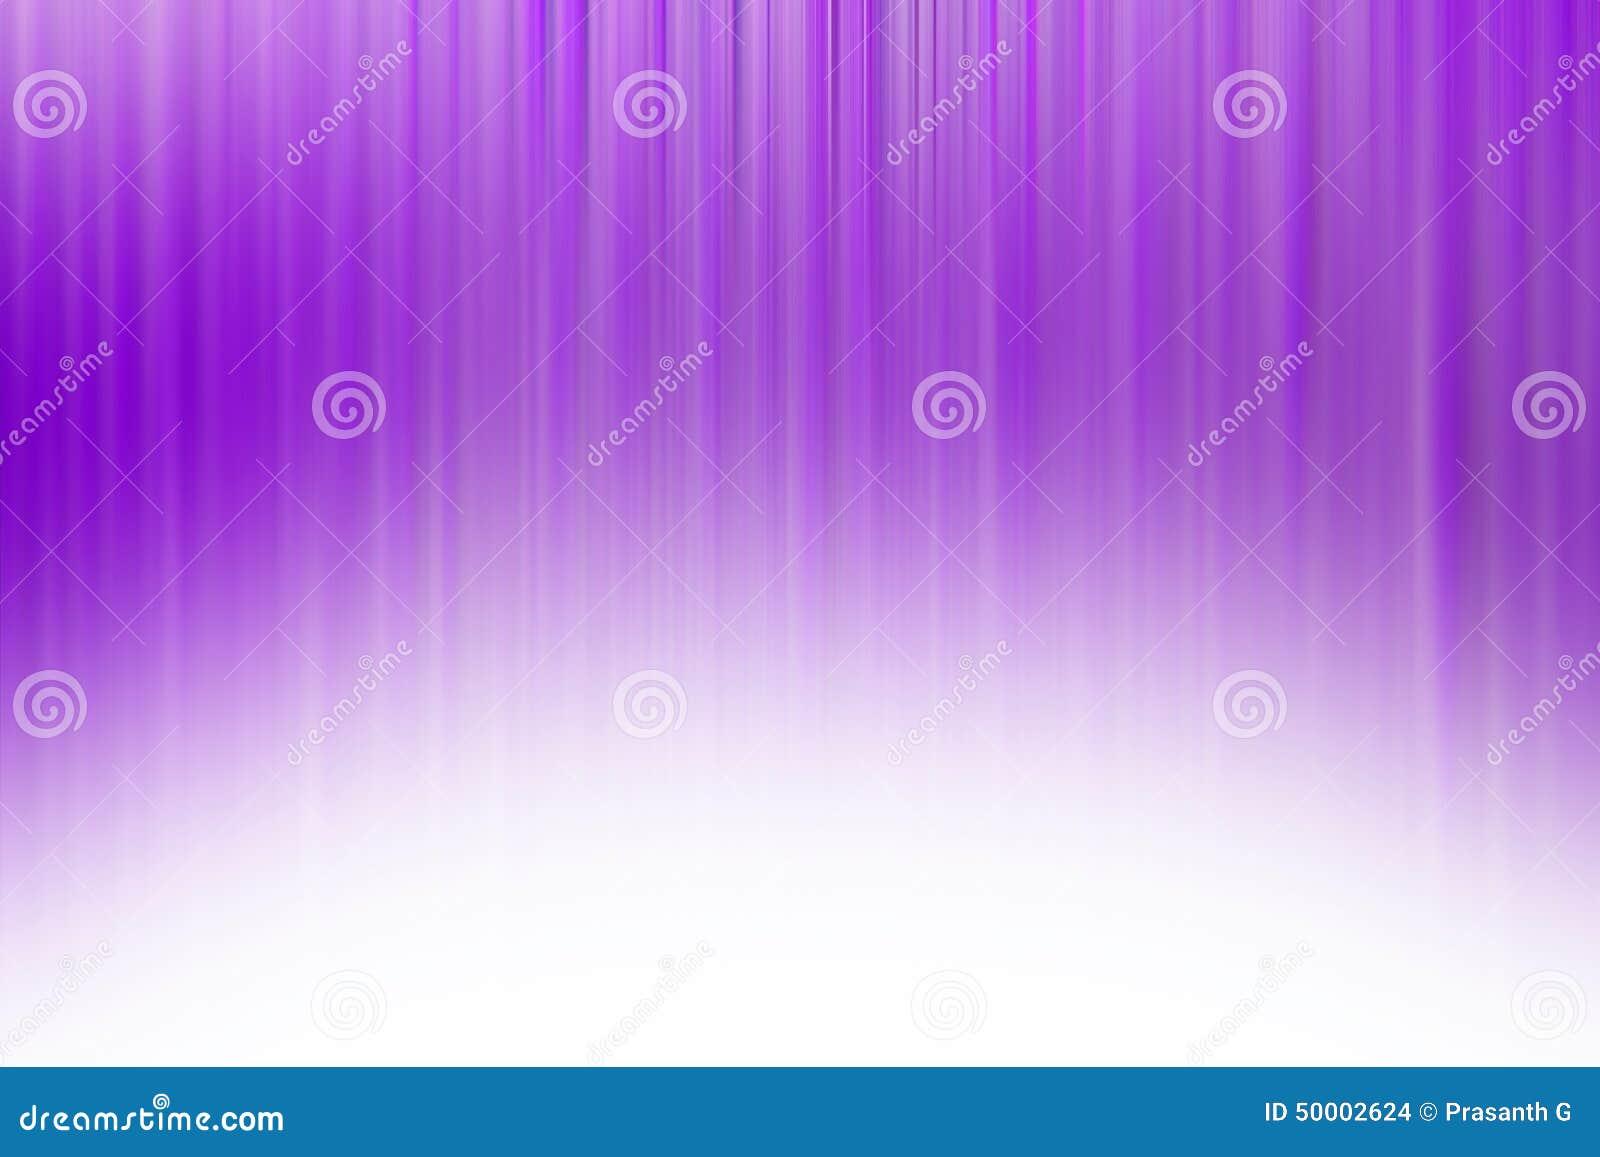 Papel pintado violeta abstracto de las rayas verticales - Papel pintado a rayas verticales ...